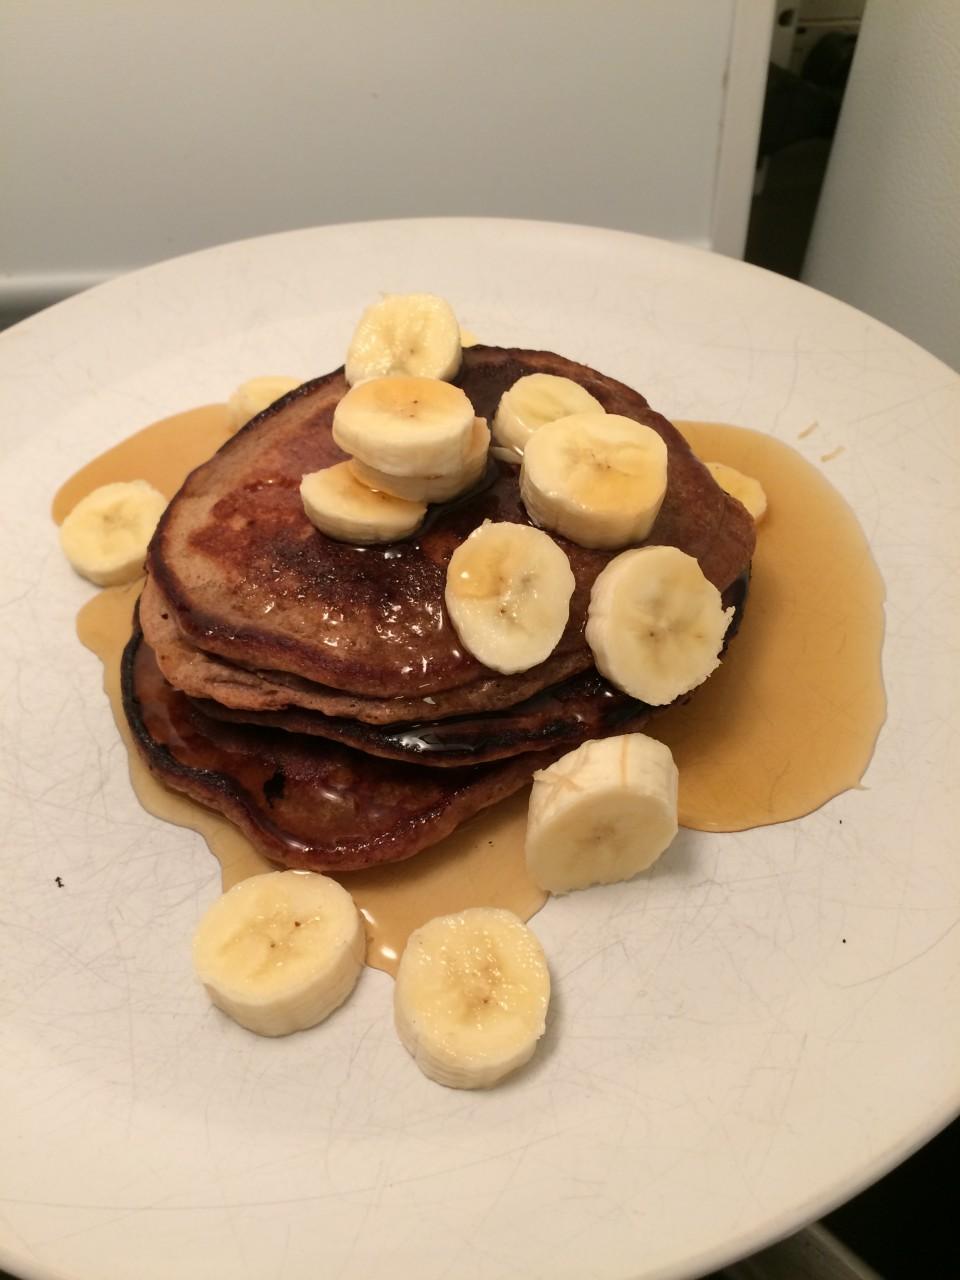 Gluten-free, Dairy-free Flapjacks aka Vegan Pancakes